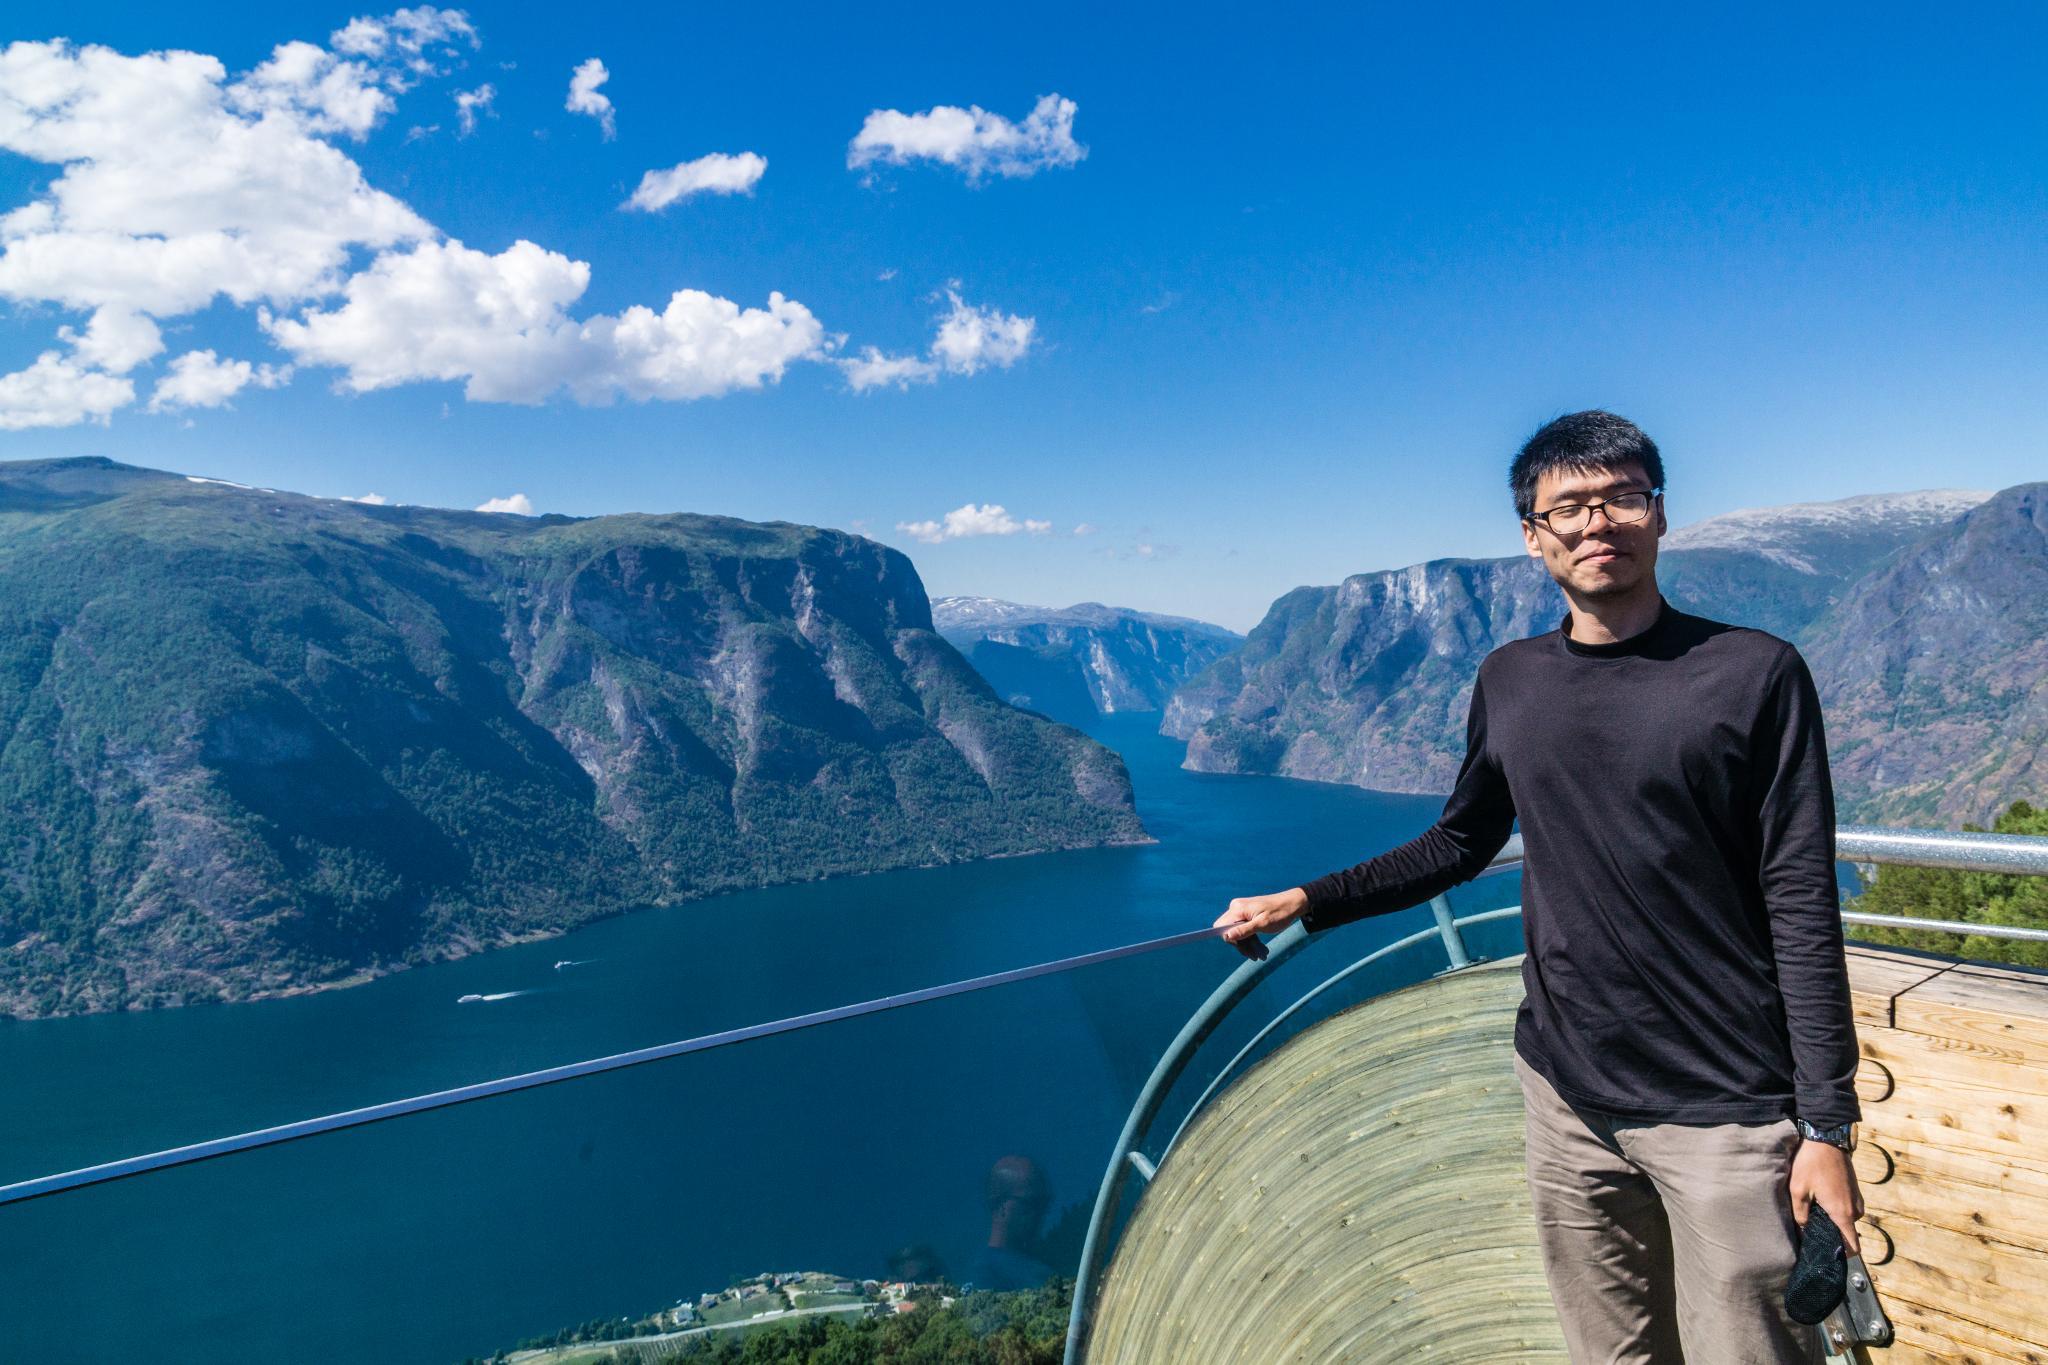 【北歐景點】世界最美景觀公路 - 俯瞰挪威松恩峽灣的 Fv243 雪之路 (Aurlandsfjellet) 33